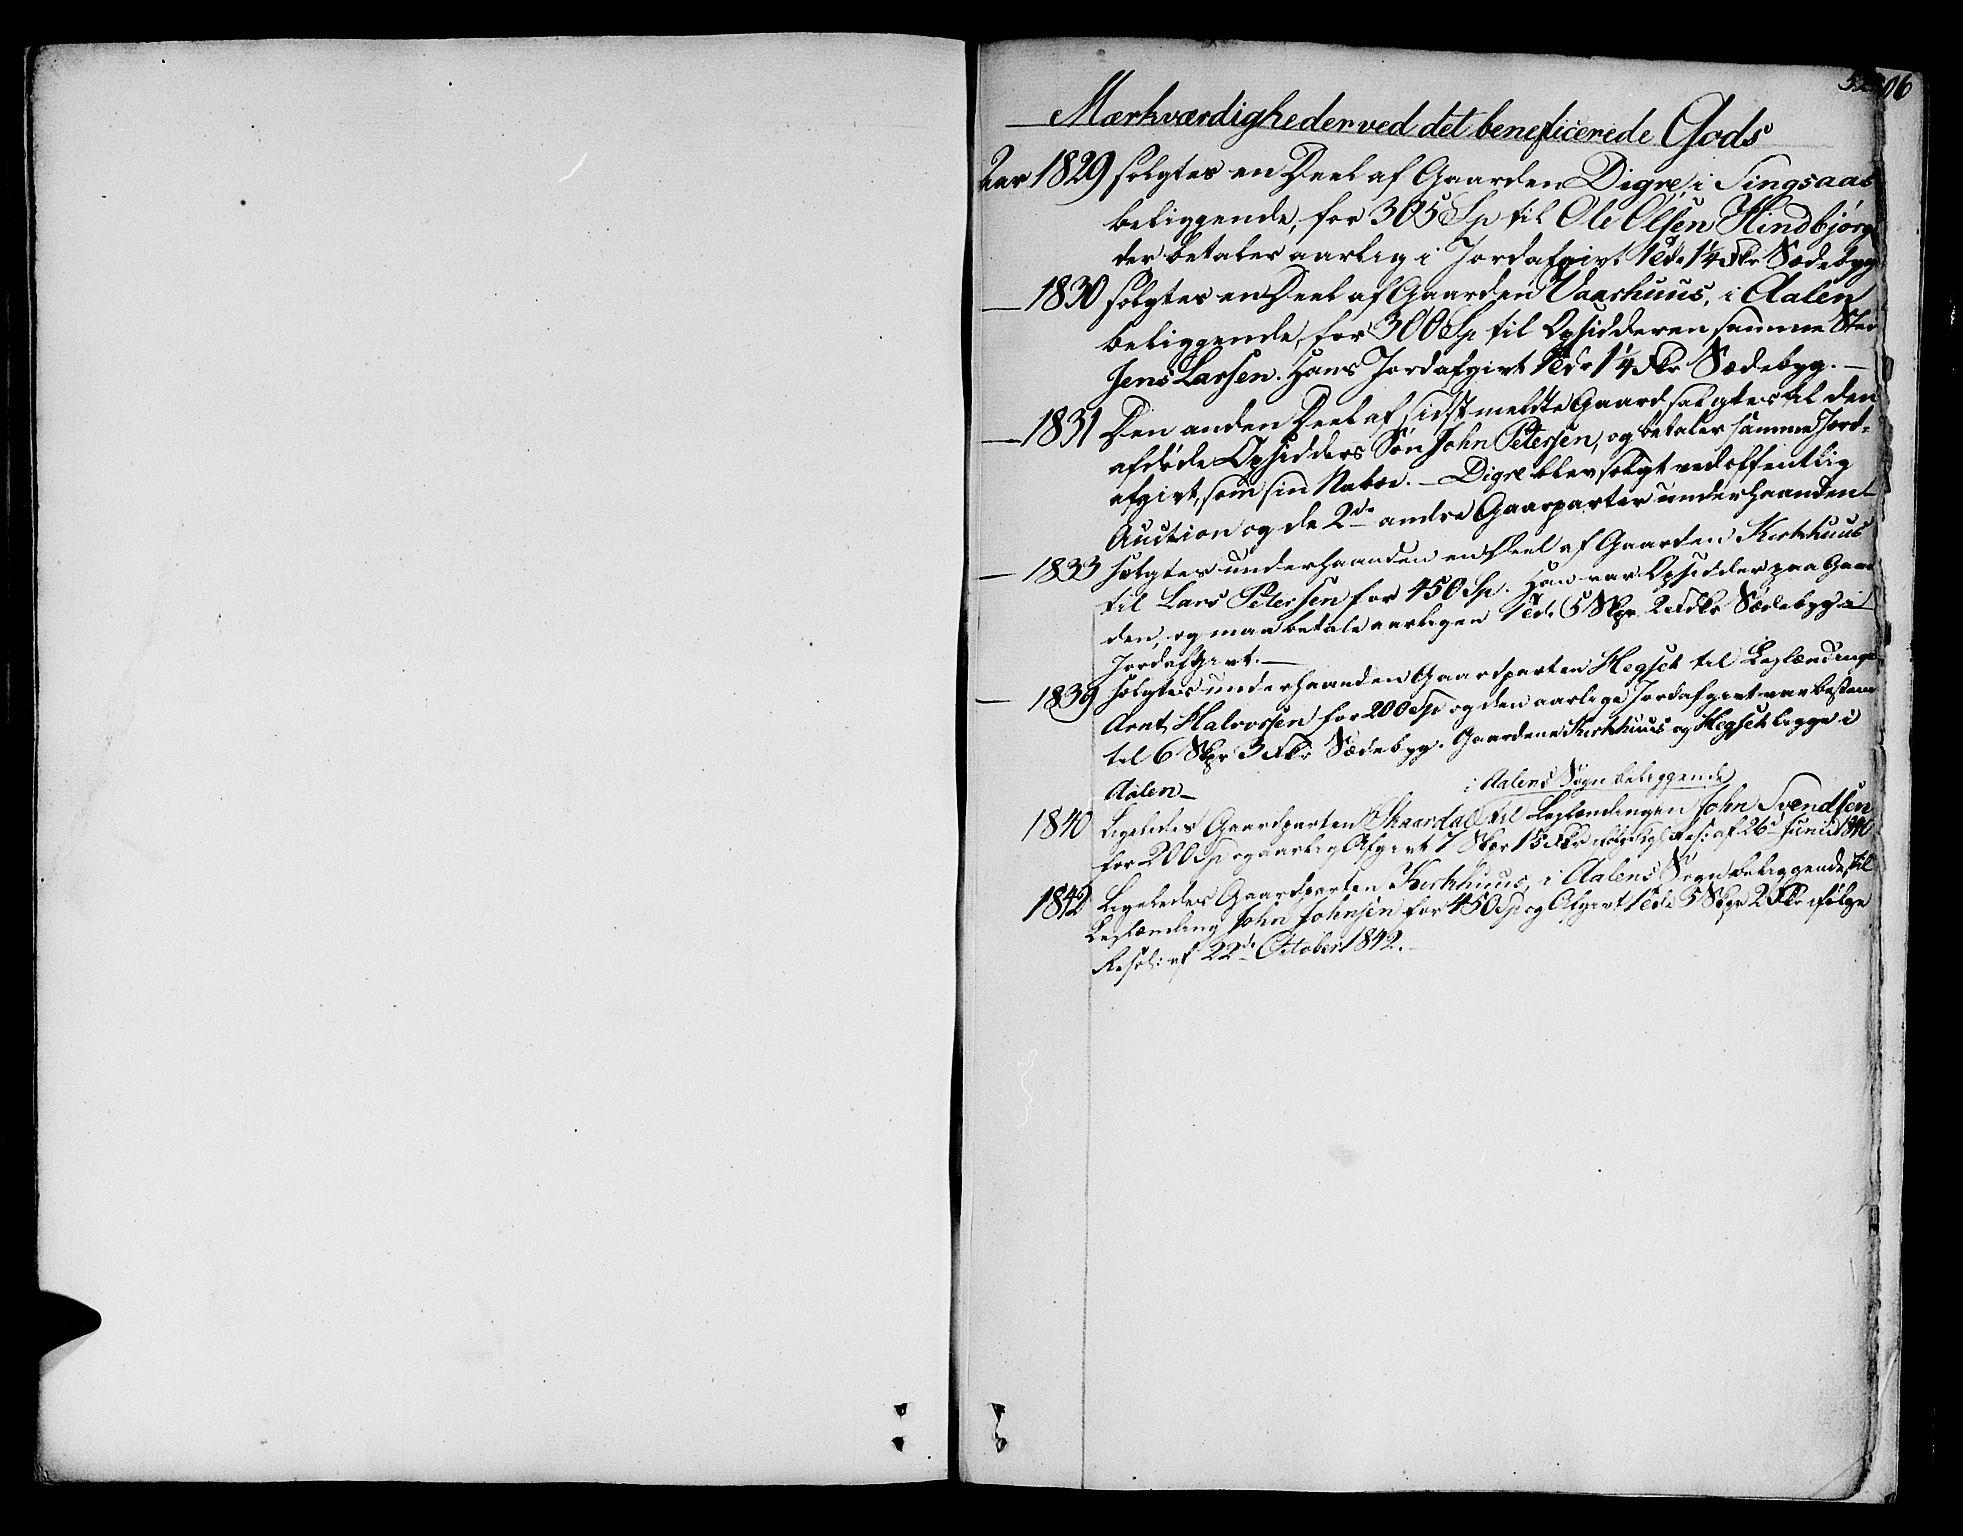 SAT, Ministerialprotokoller, klokkerbøker og fødselsregistre - Sør-Trøndelag, 685/L0960: Ministerialbok nr. 685A05 /1, 1829-1845, s. 520